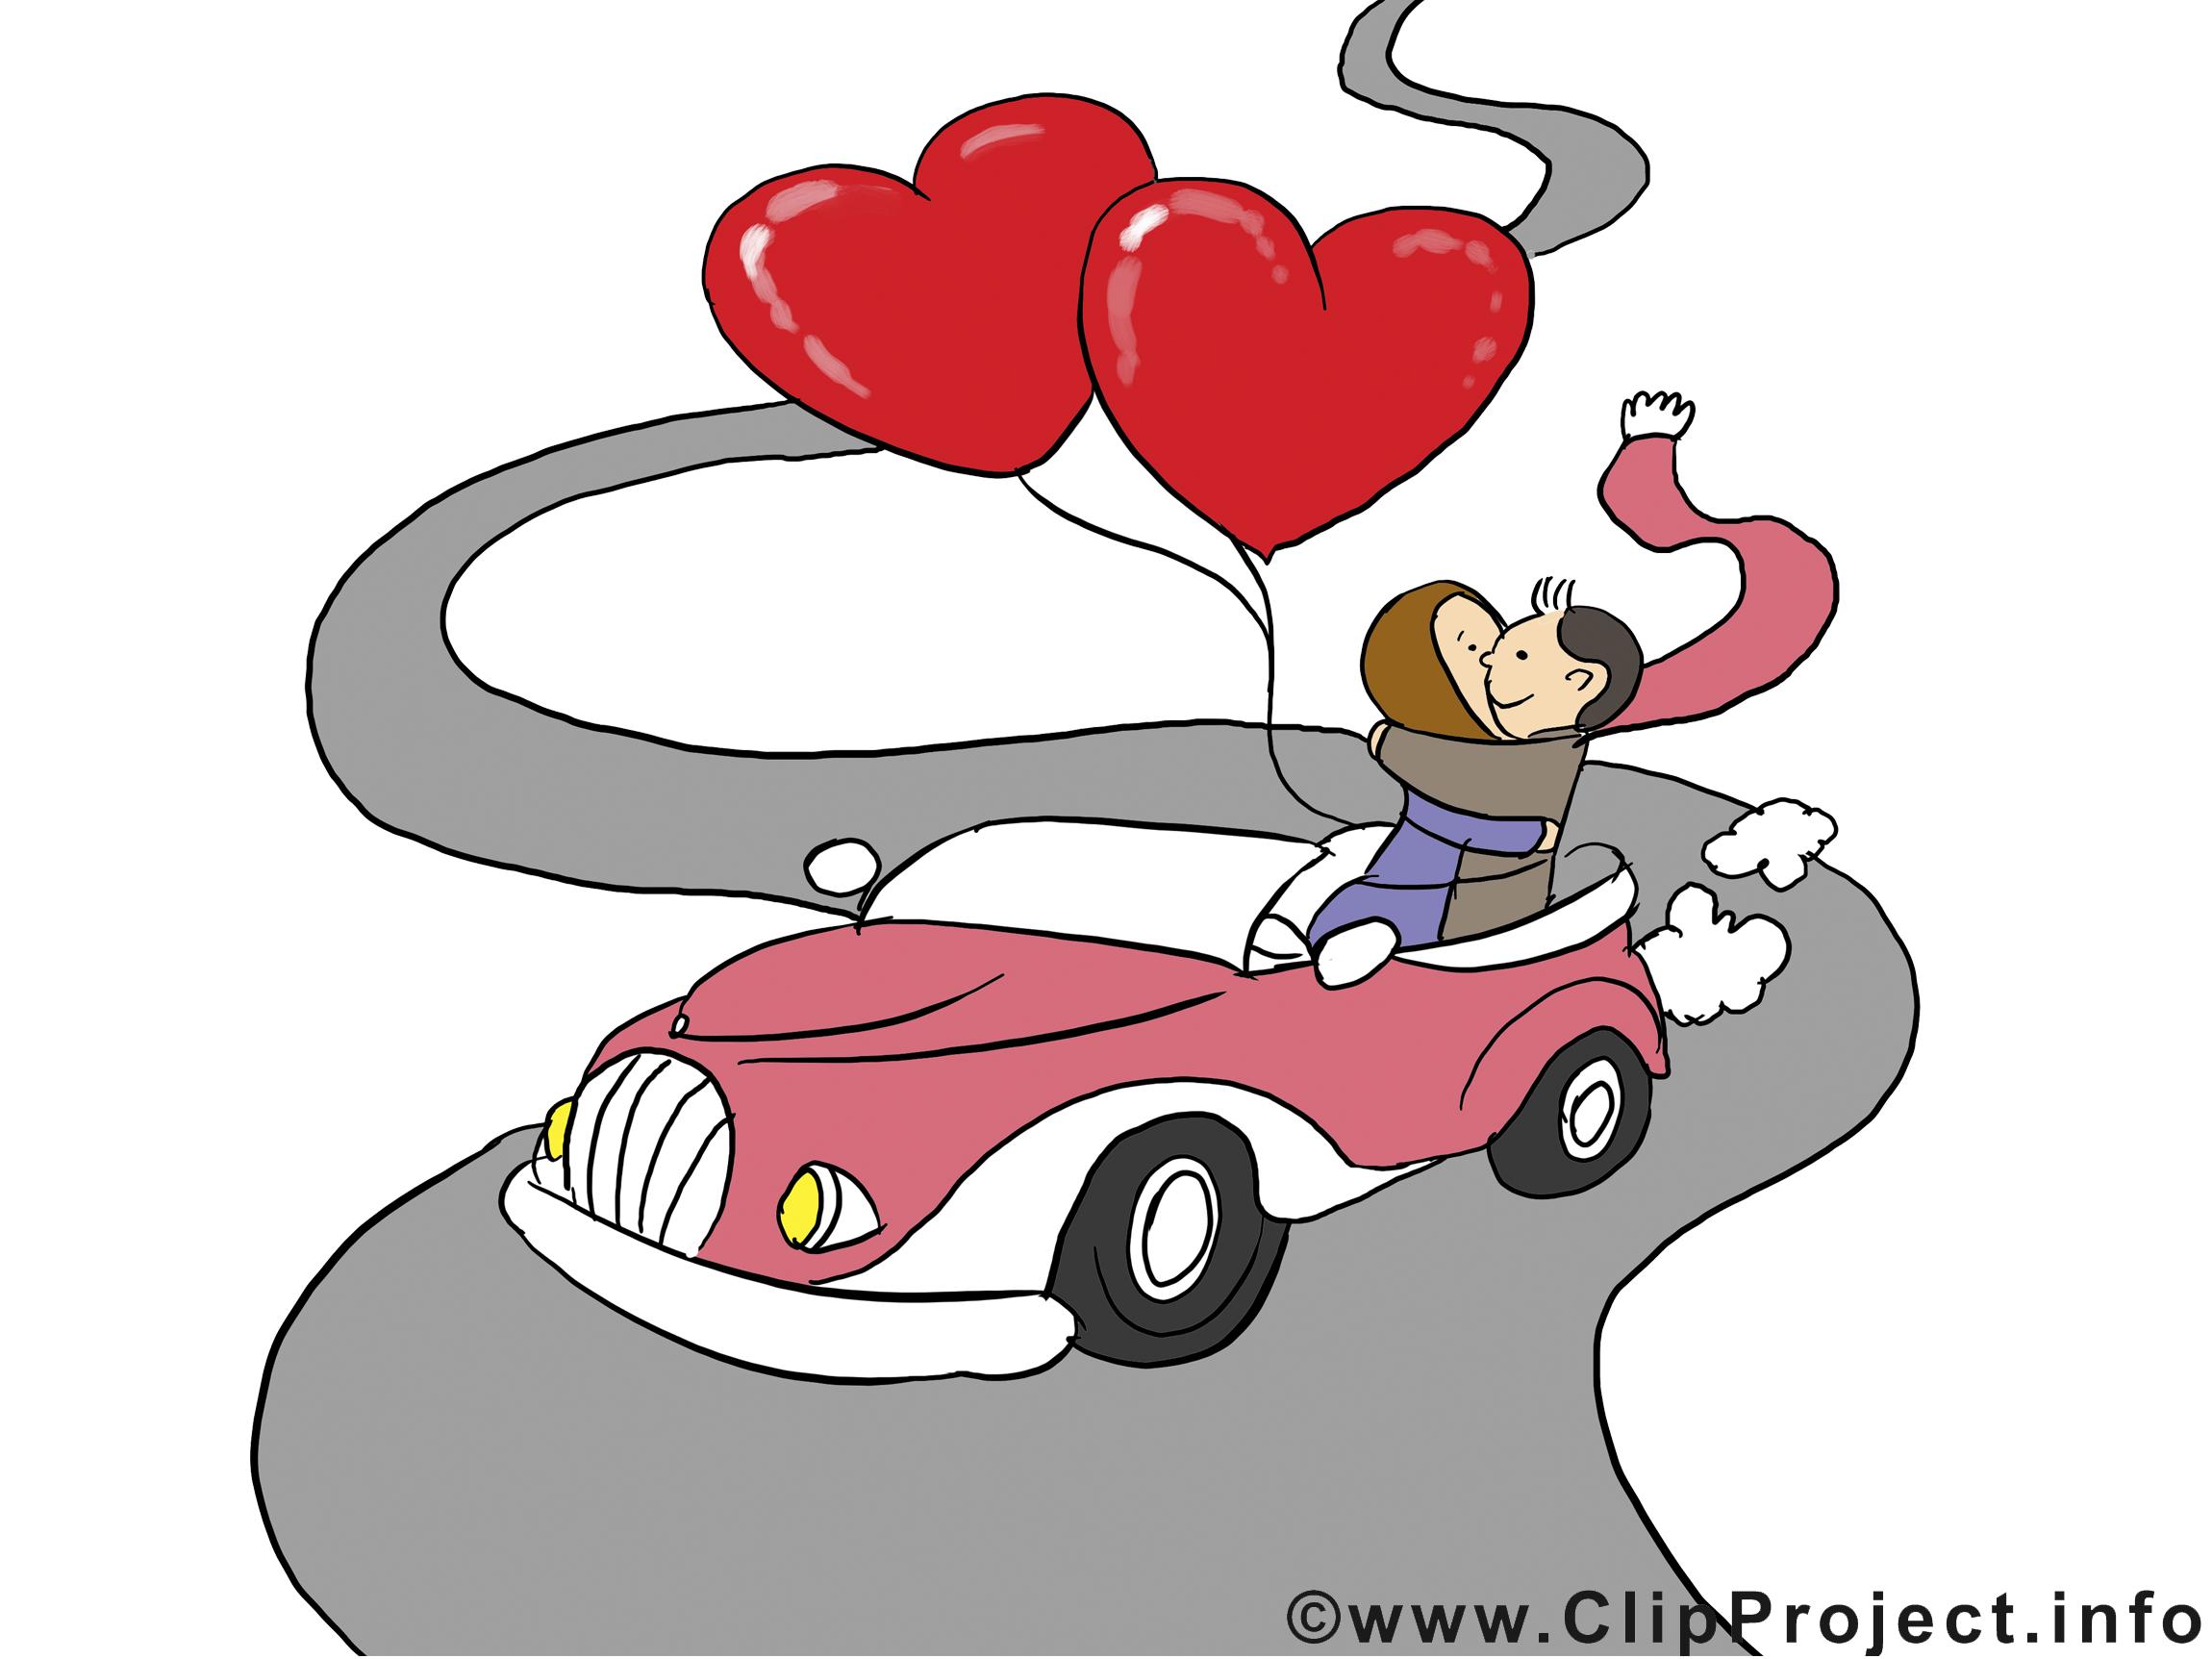 Voiture images saint valentin clipart gratuit saint - Image st valentin a telecharger gratuitement ...